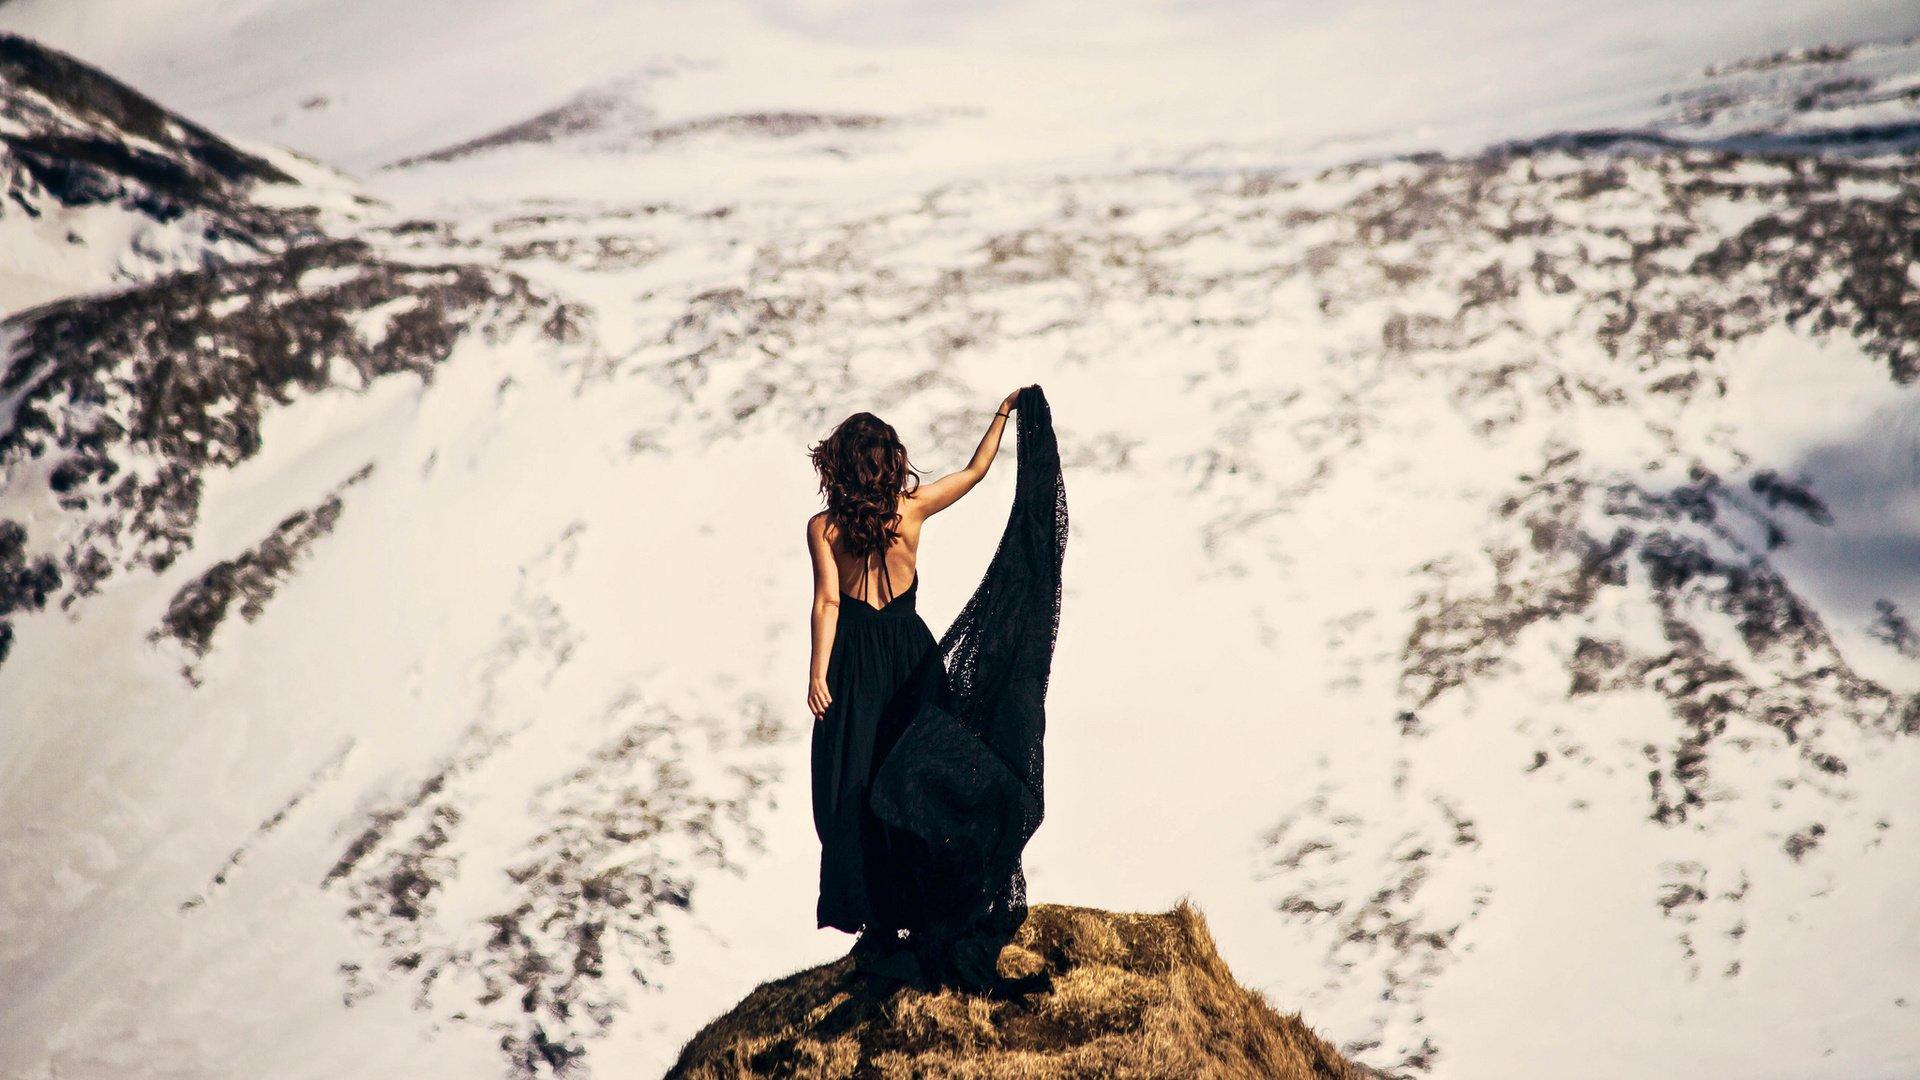 брюнетка танцует на фоне гор промолчала